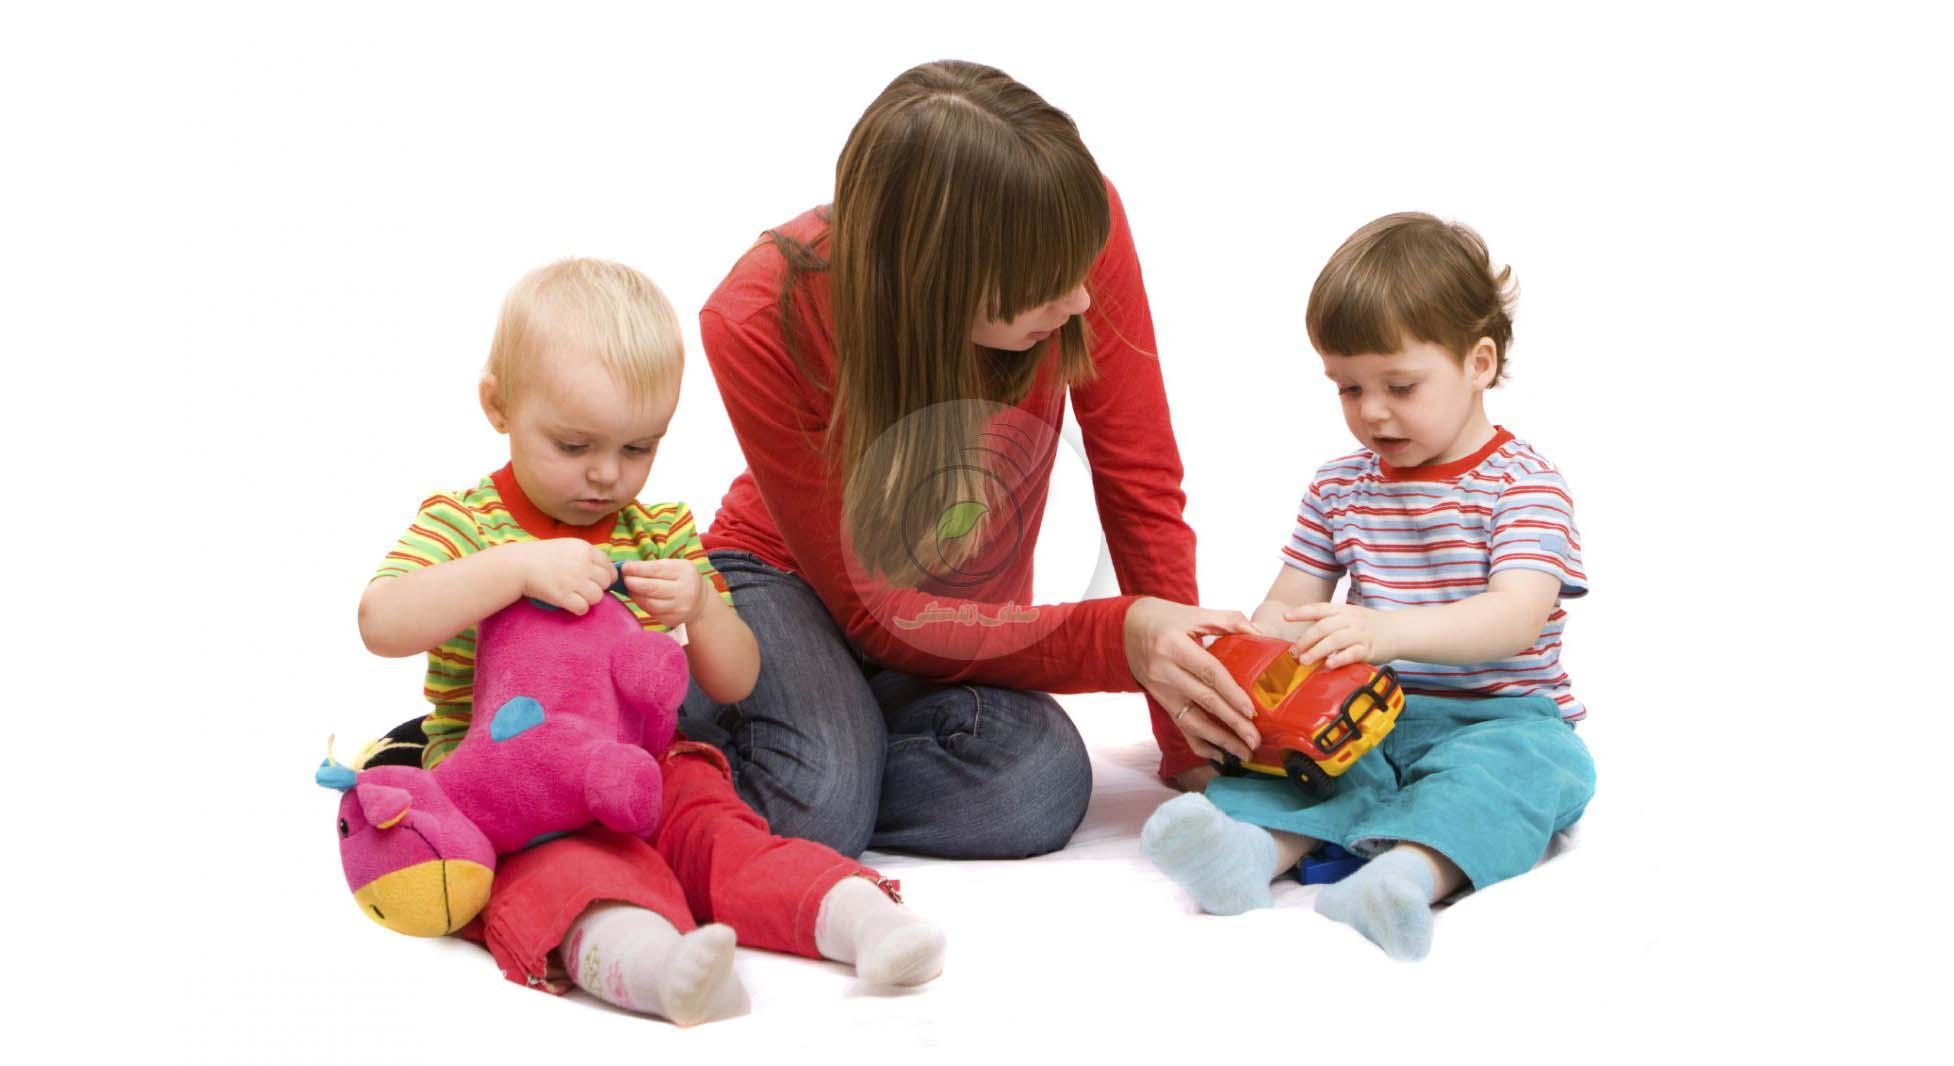 قصه ها و بازی های تکراری در کودکان